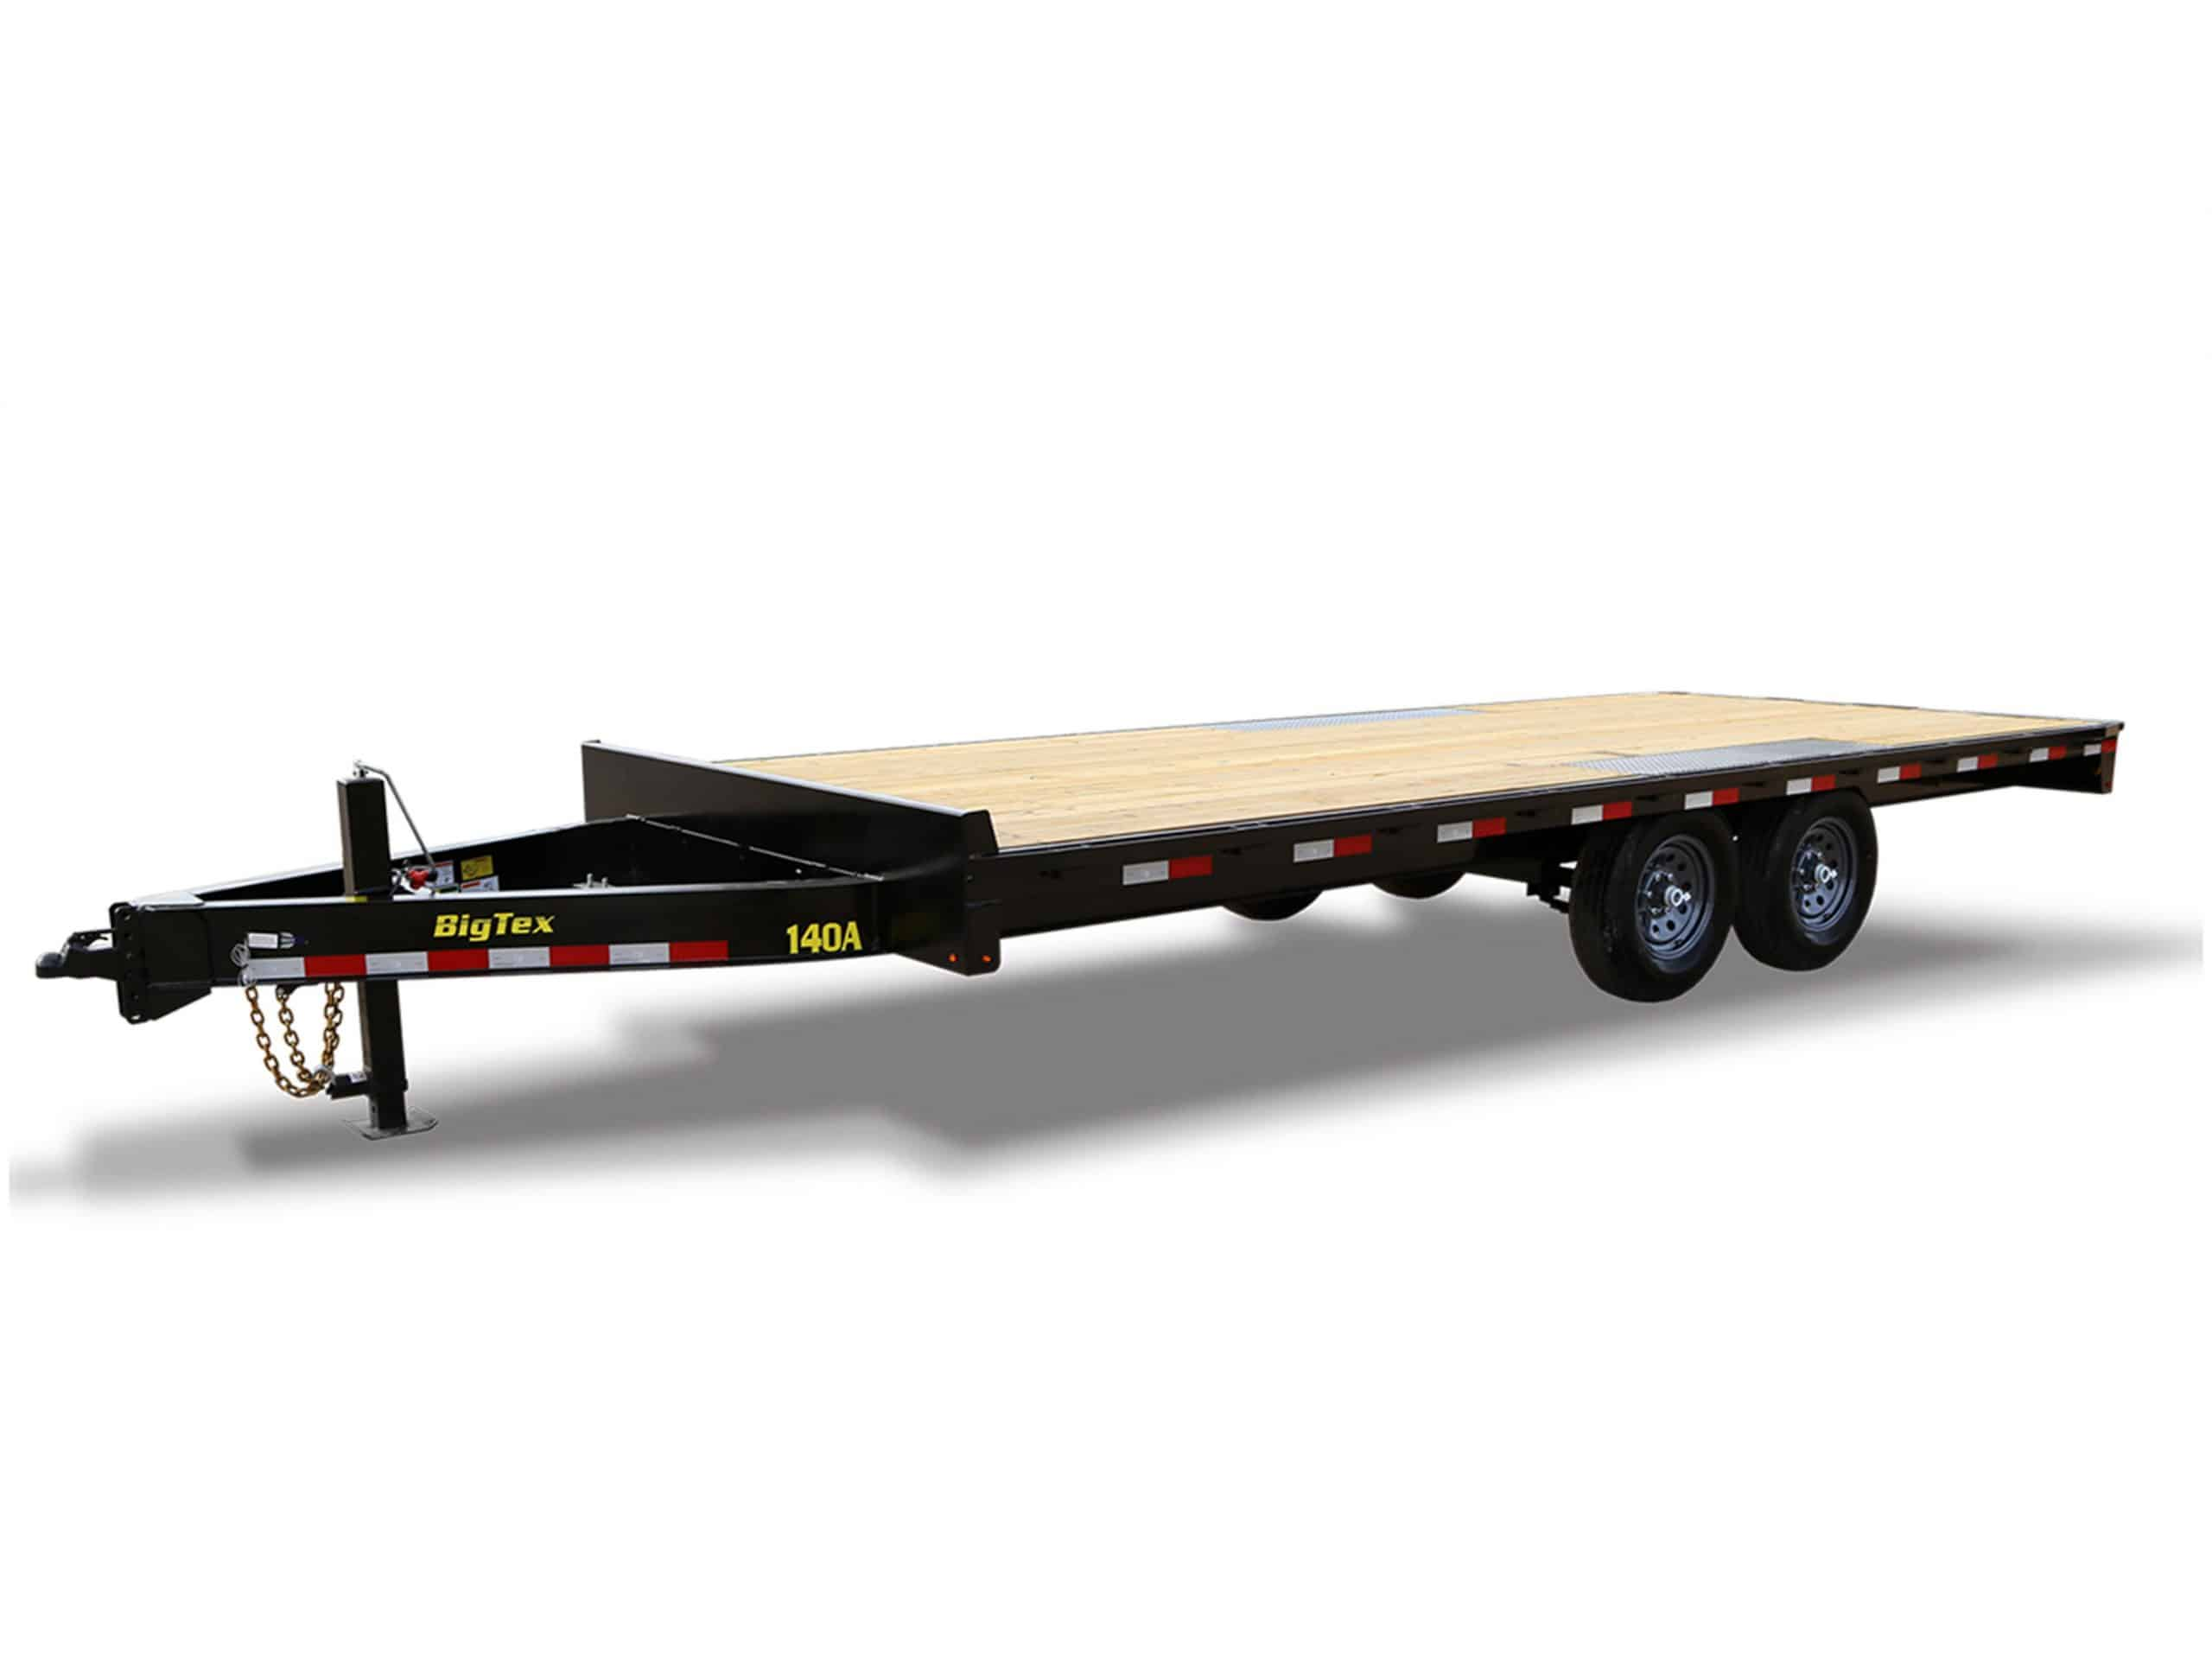 Black Over the Wheels Equipment hauler trailer